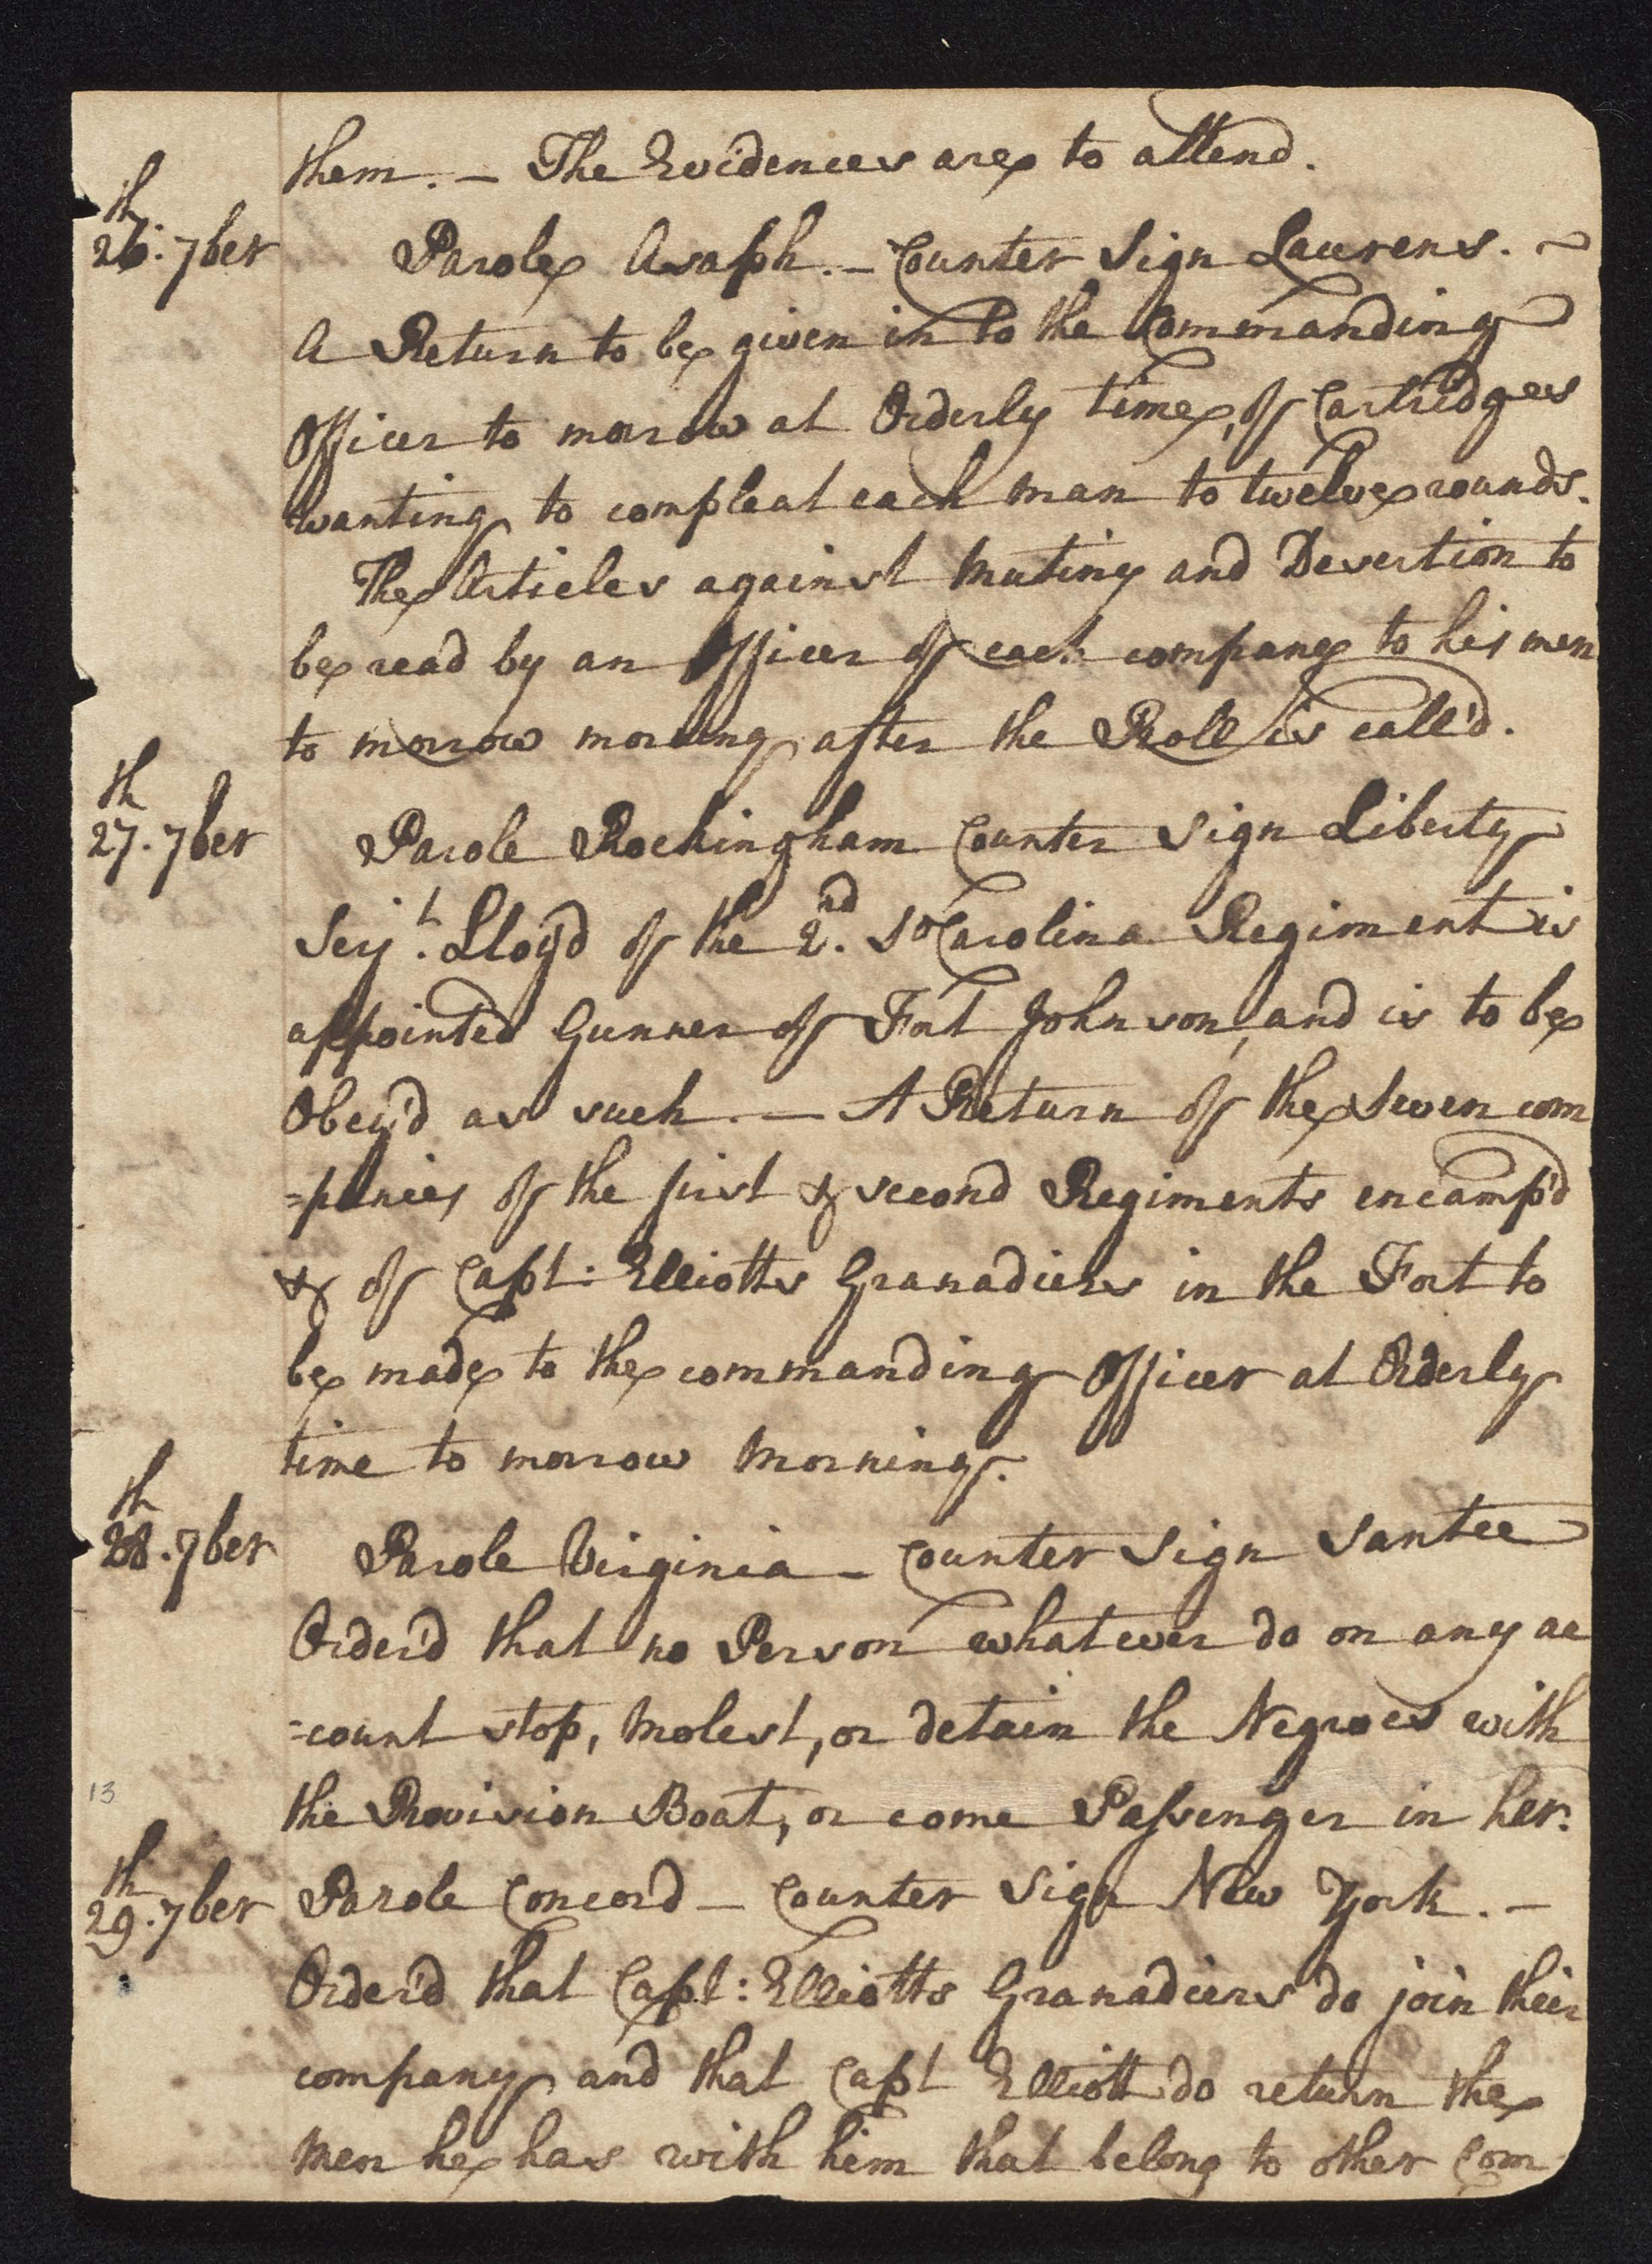 South Carolina Regiment Order Book, Page 25